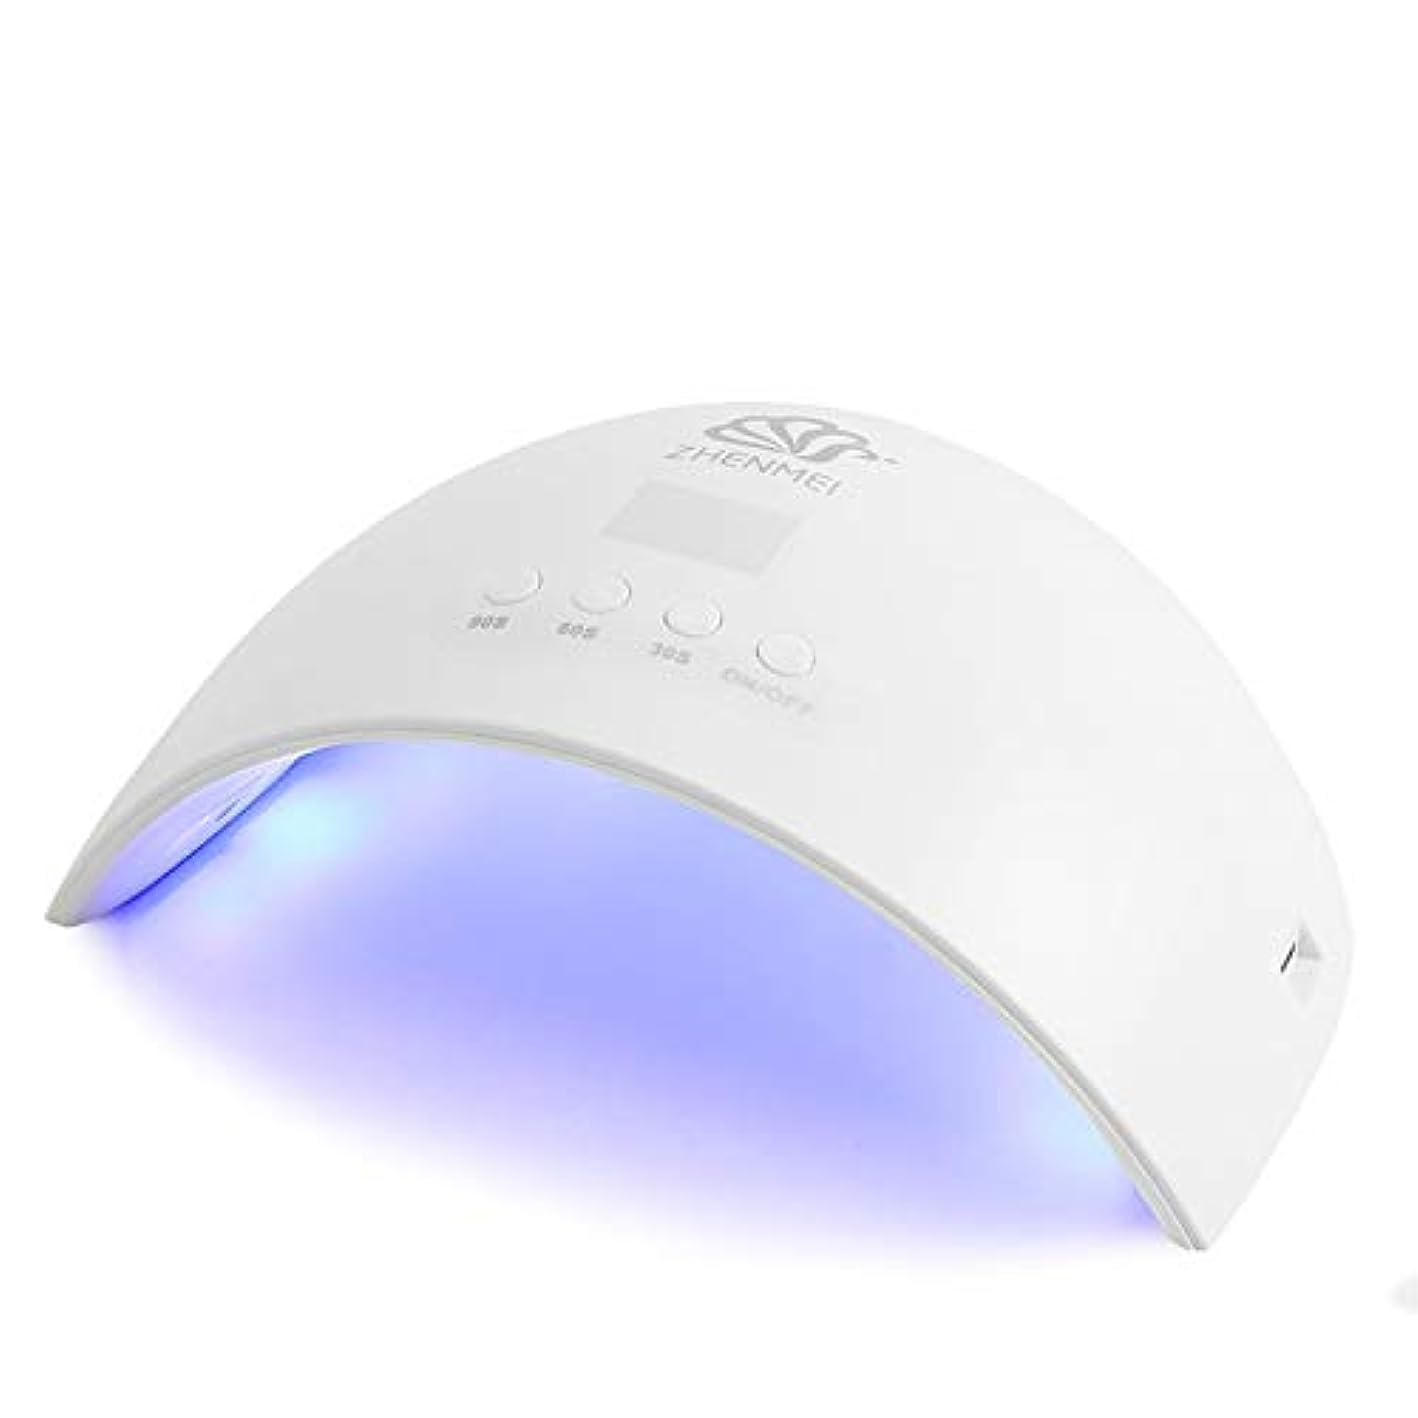 愛国的な柱アンタゴニストLEDインジケータ24W 12デュアル光源UV + LED、自動検知、4タイマー設定30/60 / 90S / 99S、プロネイルライトUV LEDネイルライト家庭用ネイル/プロ用